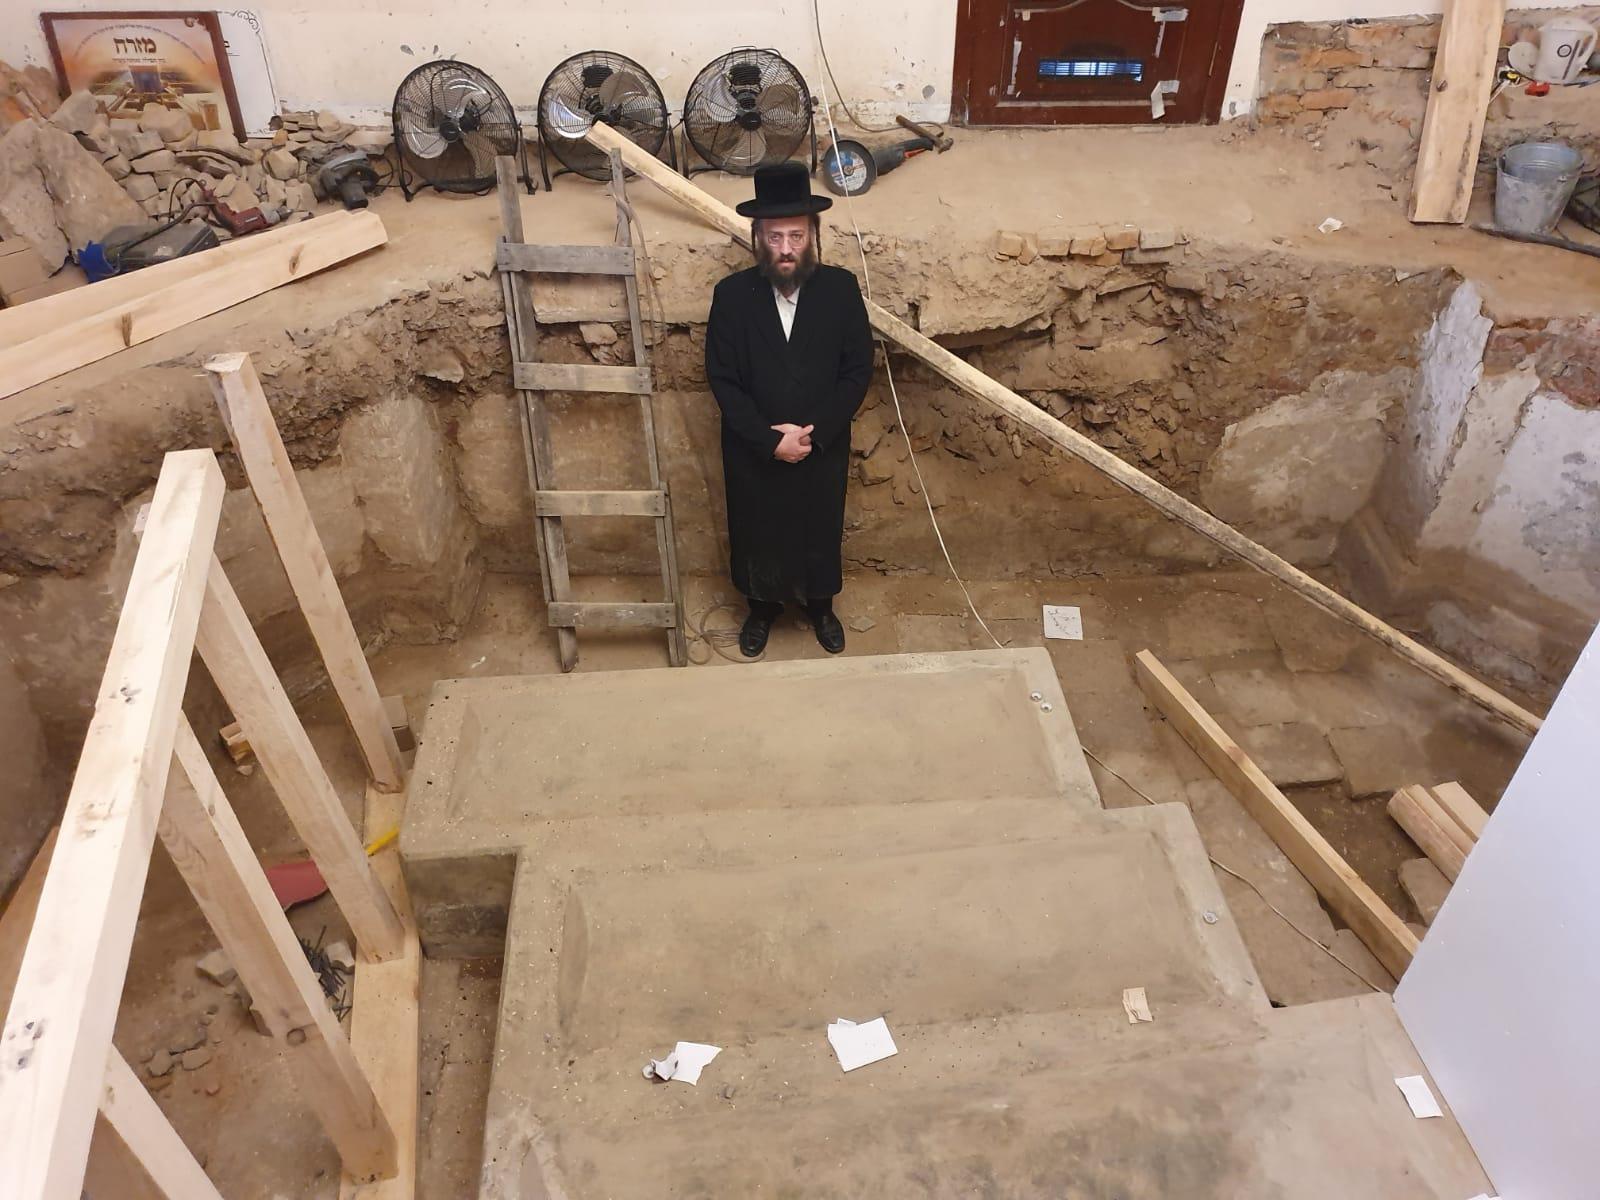 מסע שטפנשט לאוקראינה בקבר הצדיק רבי לוי יצחק מברדיטשוב